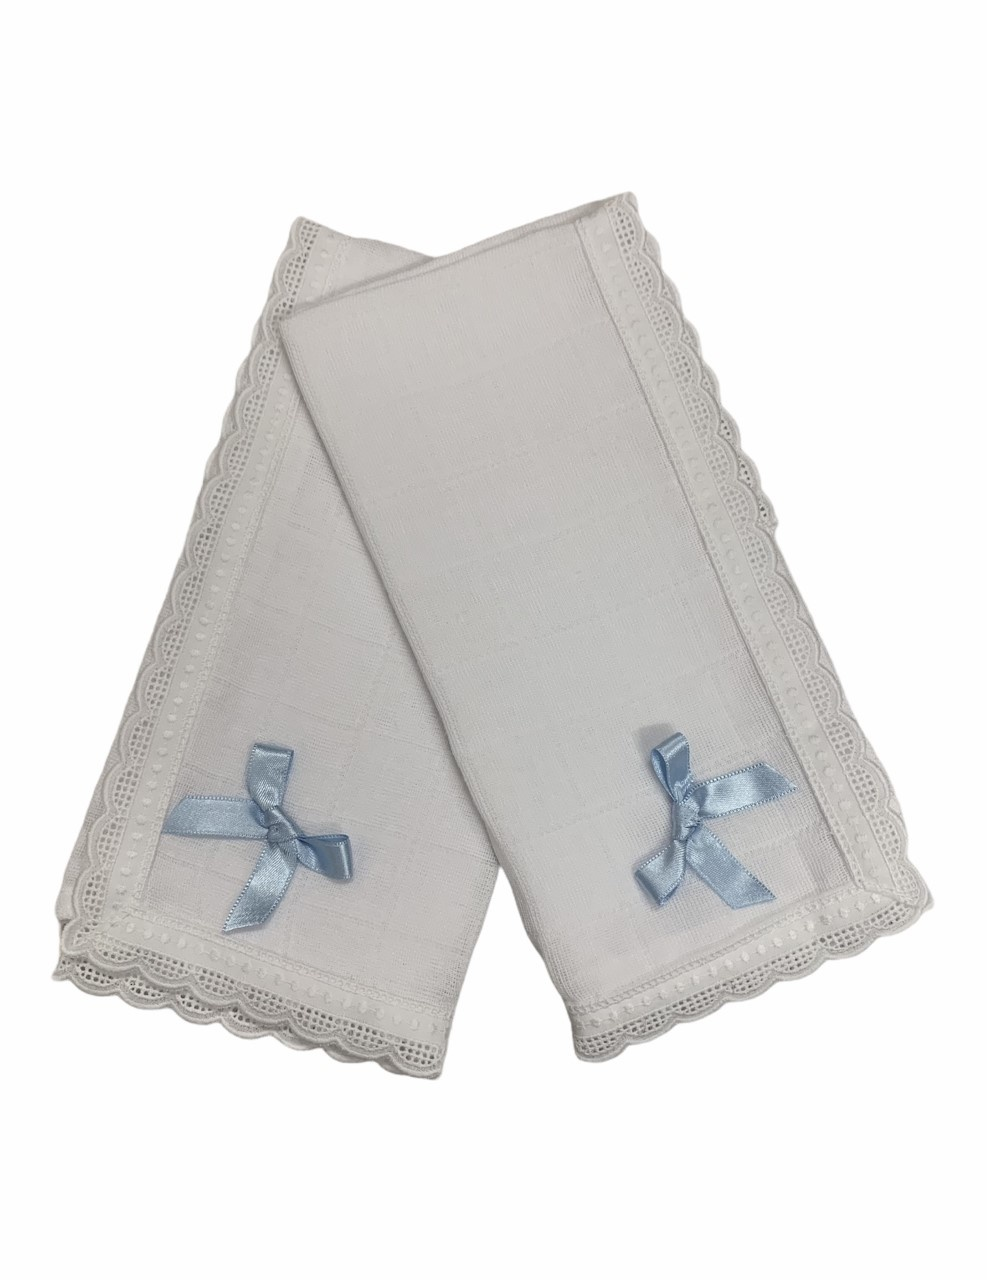 Babidu Babidu Blue Bow Muslin Cloths (2 Pack) - 300